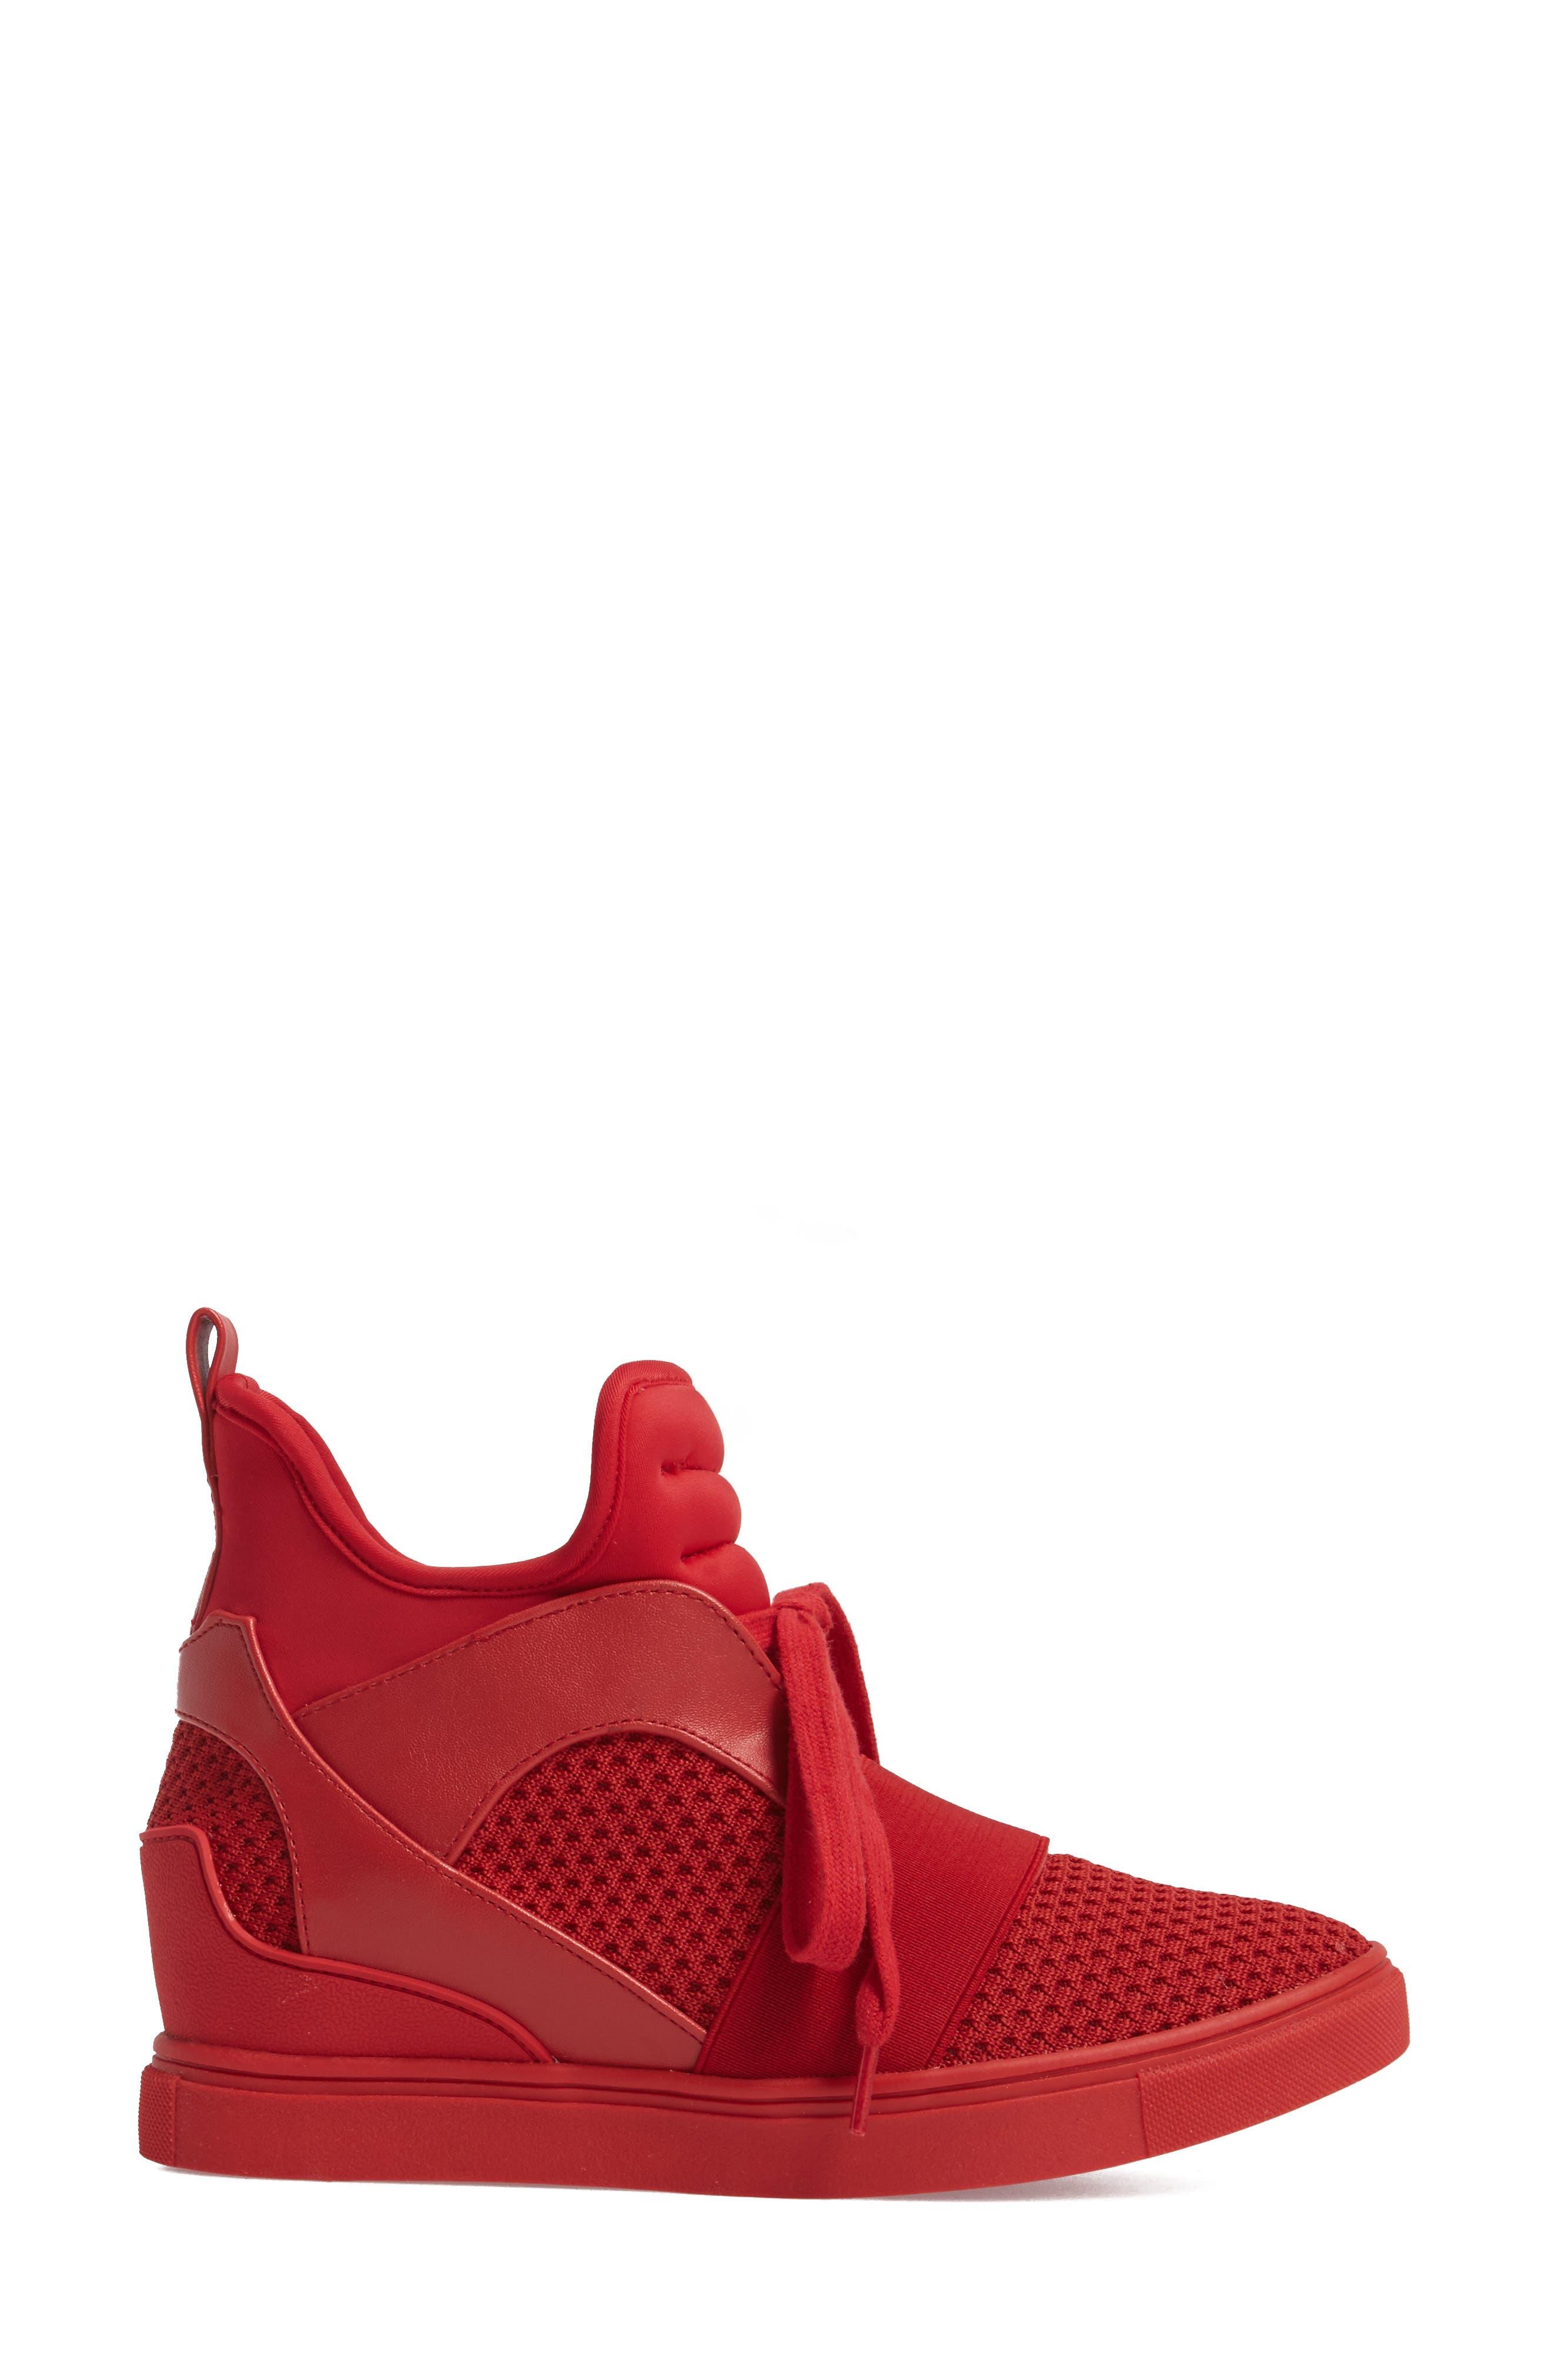 Alternate Image 3  - Steve Madden Lexie Wedge Sneaker (Women)